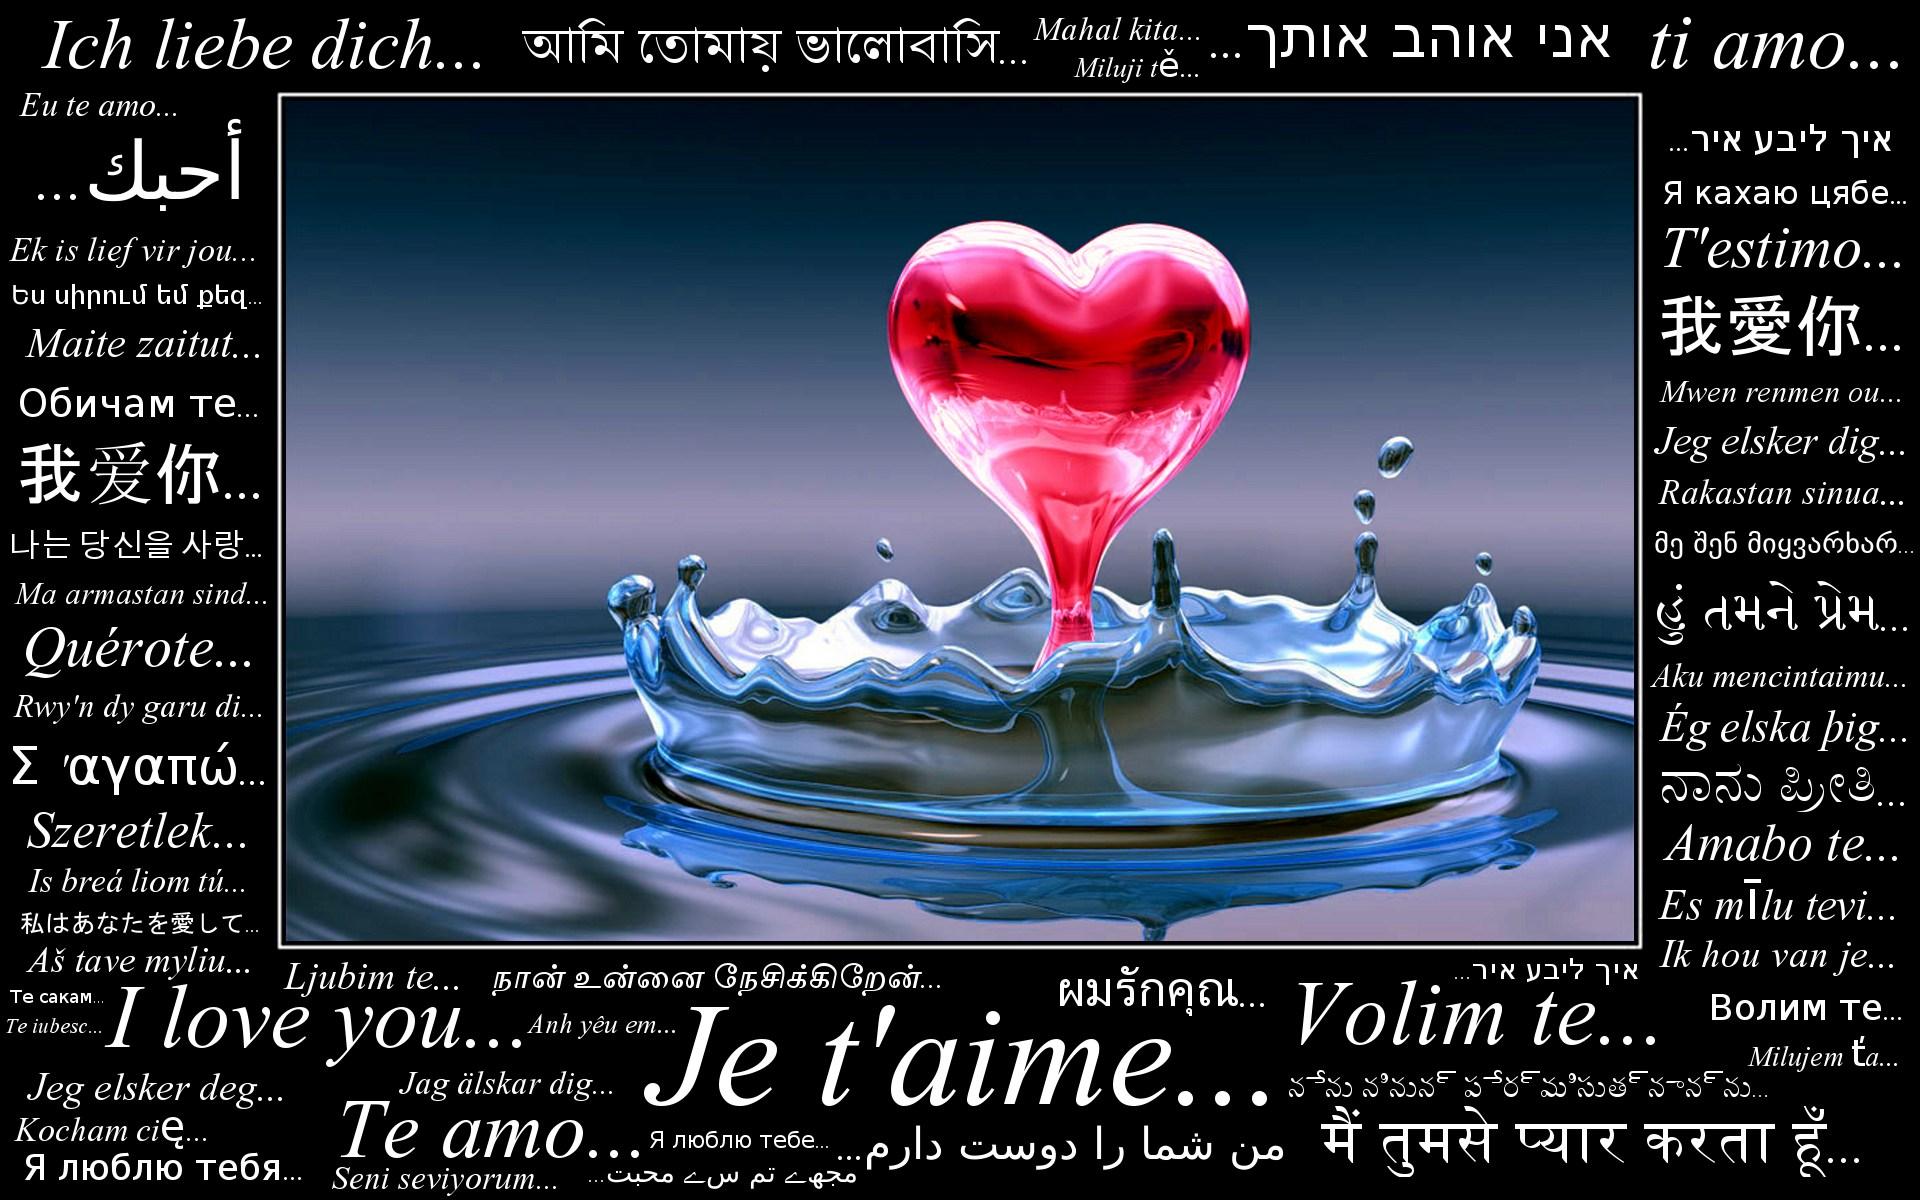 Wallpaper I Love You M : T?l?charger fonds d ?cran i love you gratuitement